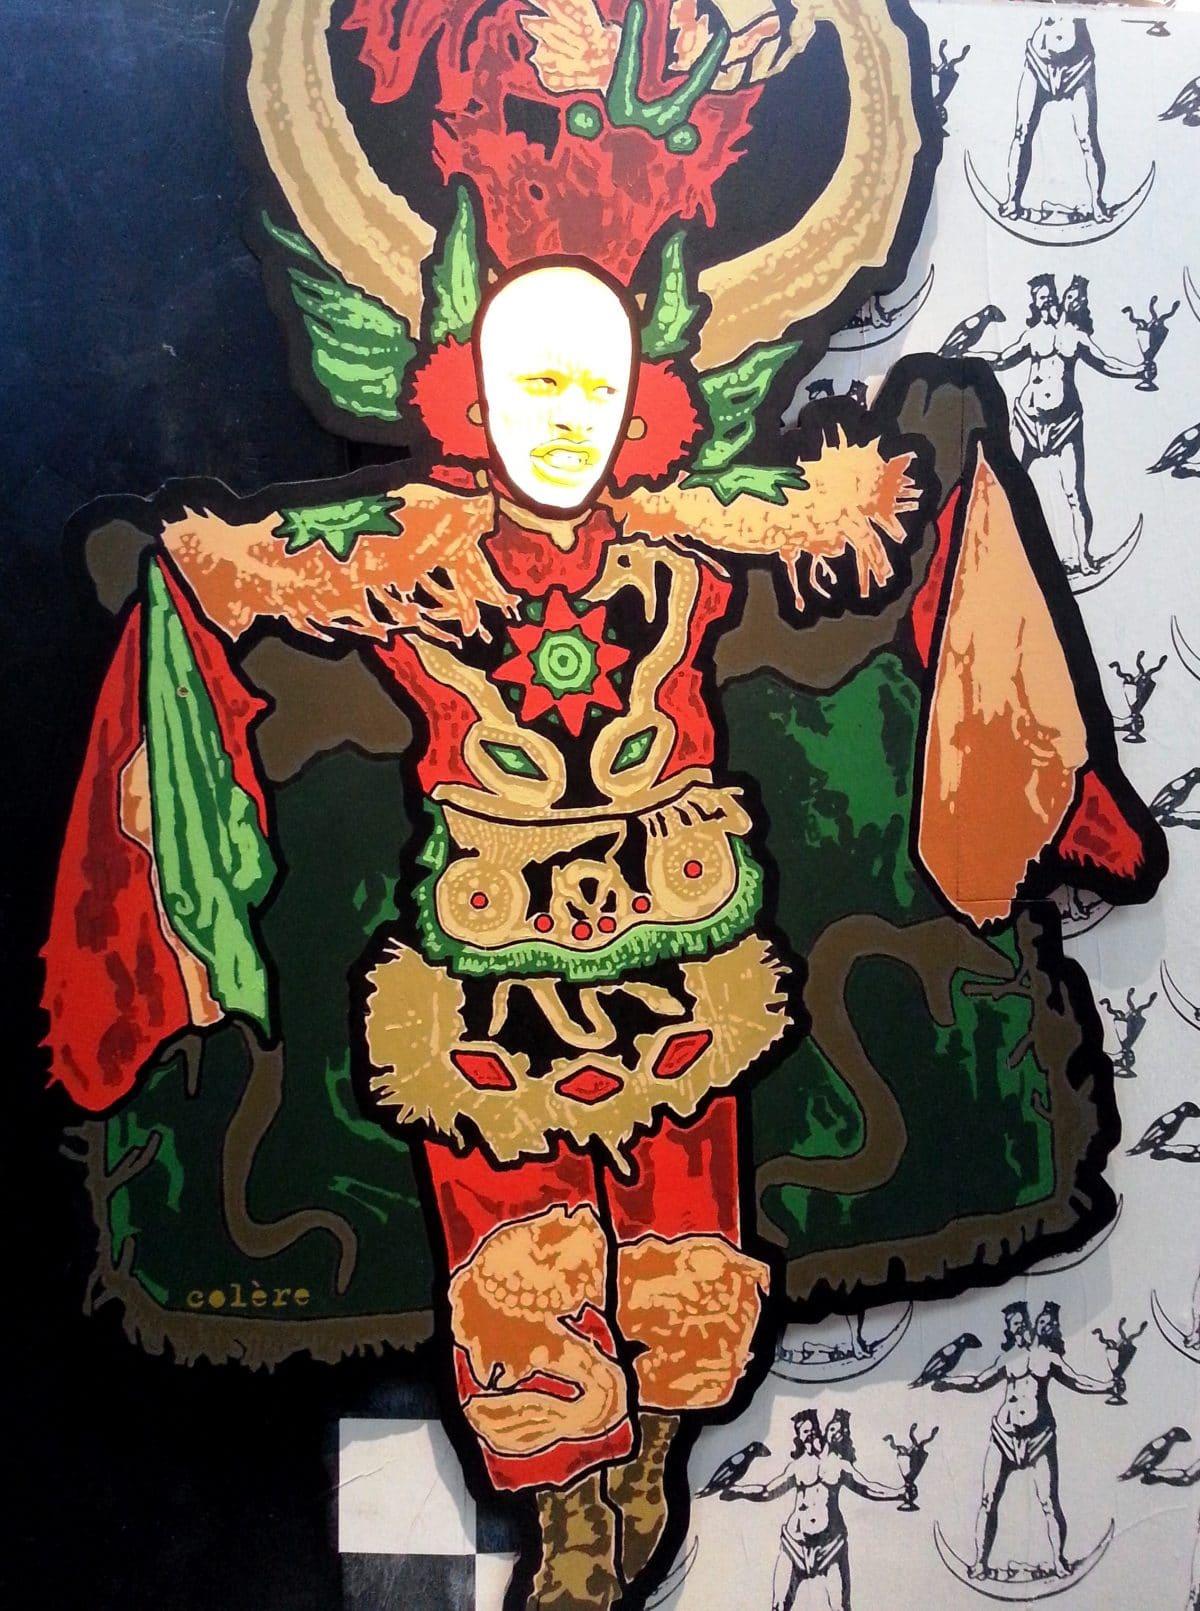 JBC la comédie divine street art paris malakoff la réserve